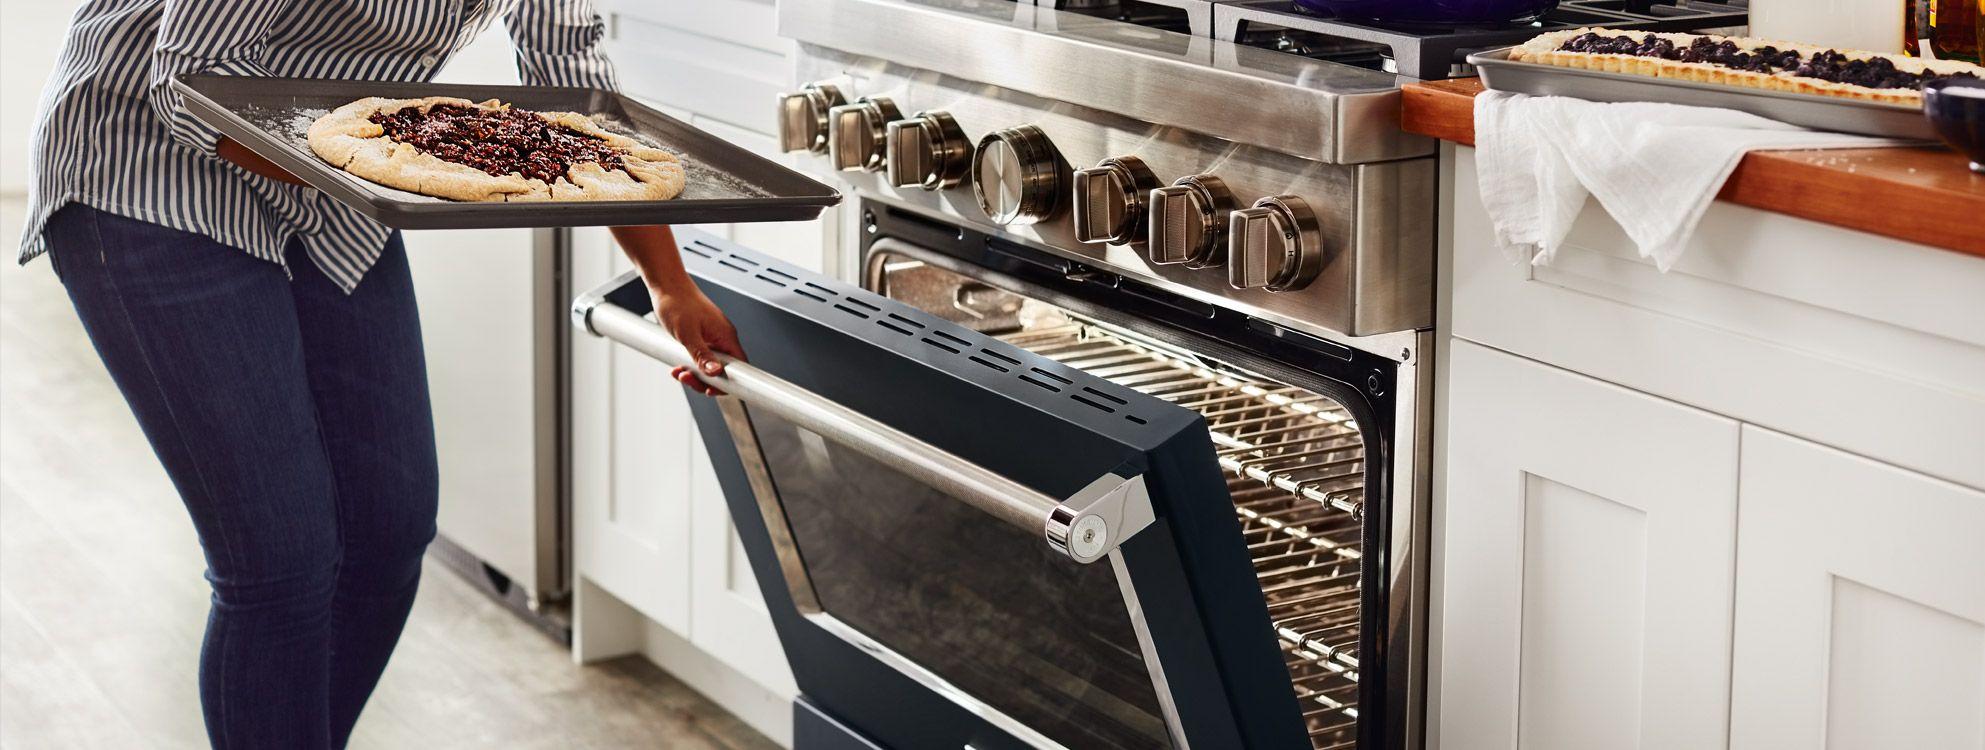 Personne ouvrant un four de cuisinière commerciale KitchenAid pour y insérer une plaque avec une tarte dessus